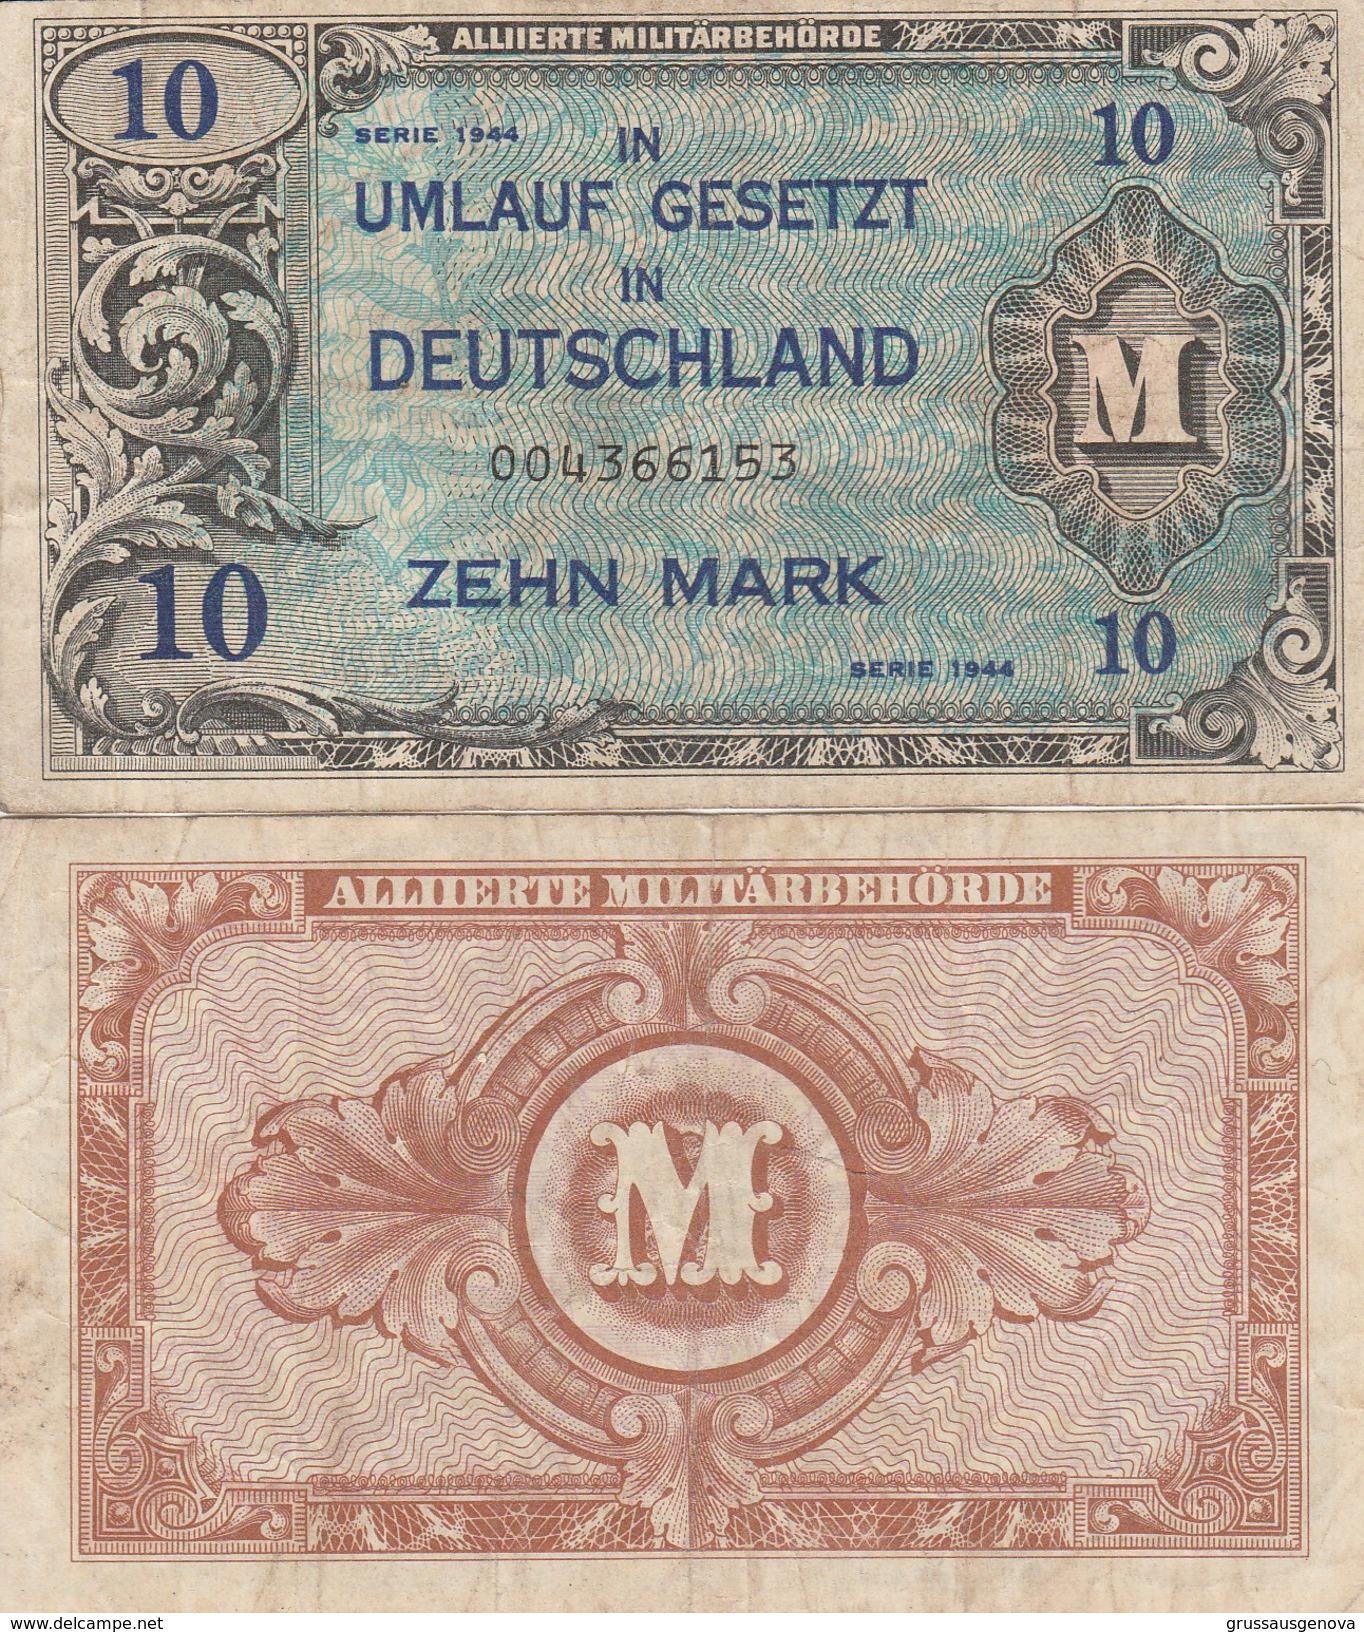 8065) 10 ZEHN MARK GERMANIA OCCUPAZIONE ALLEATA DEUTSCHLAND UMLAUF GESETZT OCCUPATION DES ALLIES EN ALLEMAGNE - [ 5] 1945-1949 : Occupazione Degli Alleati